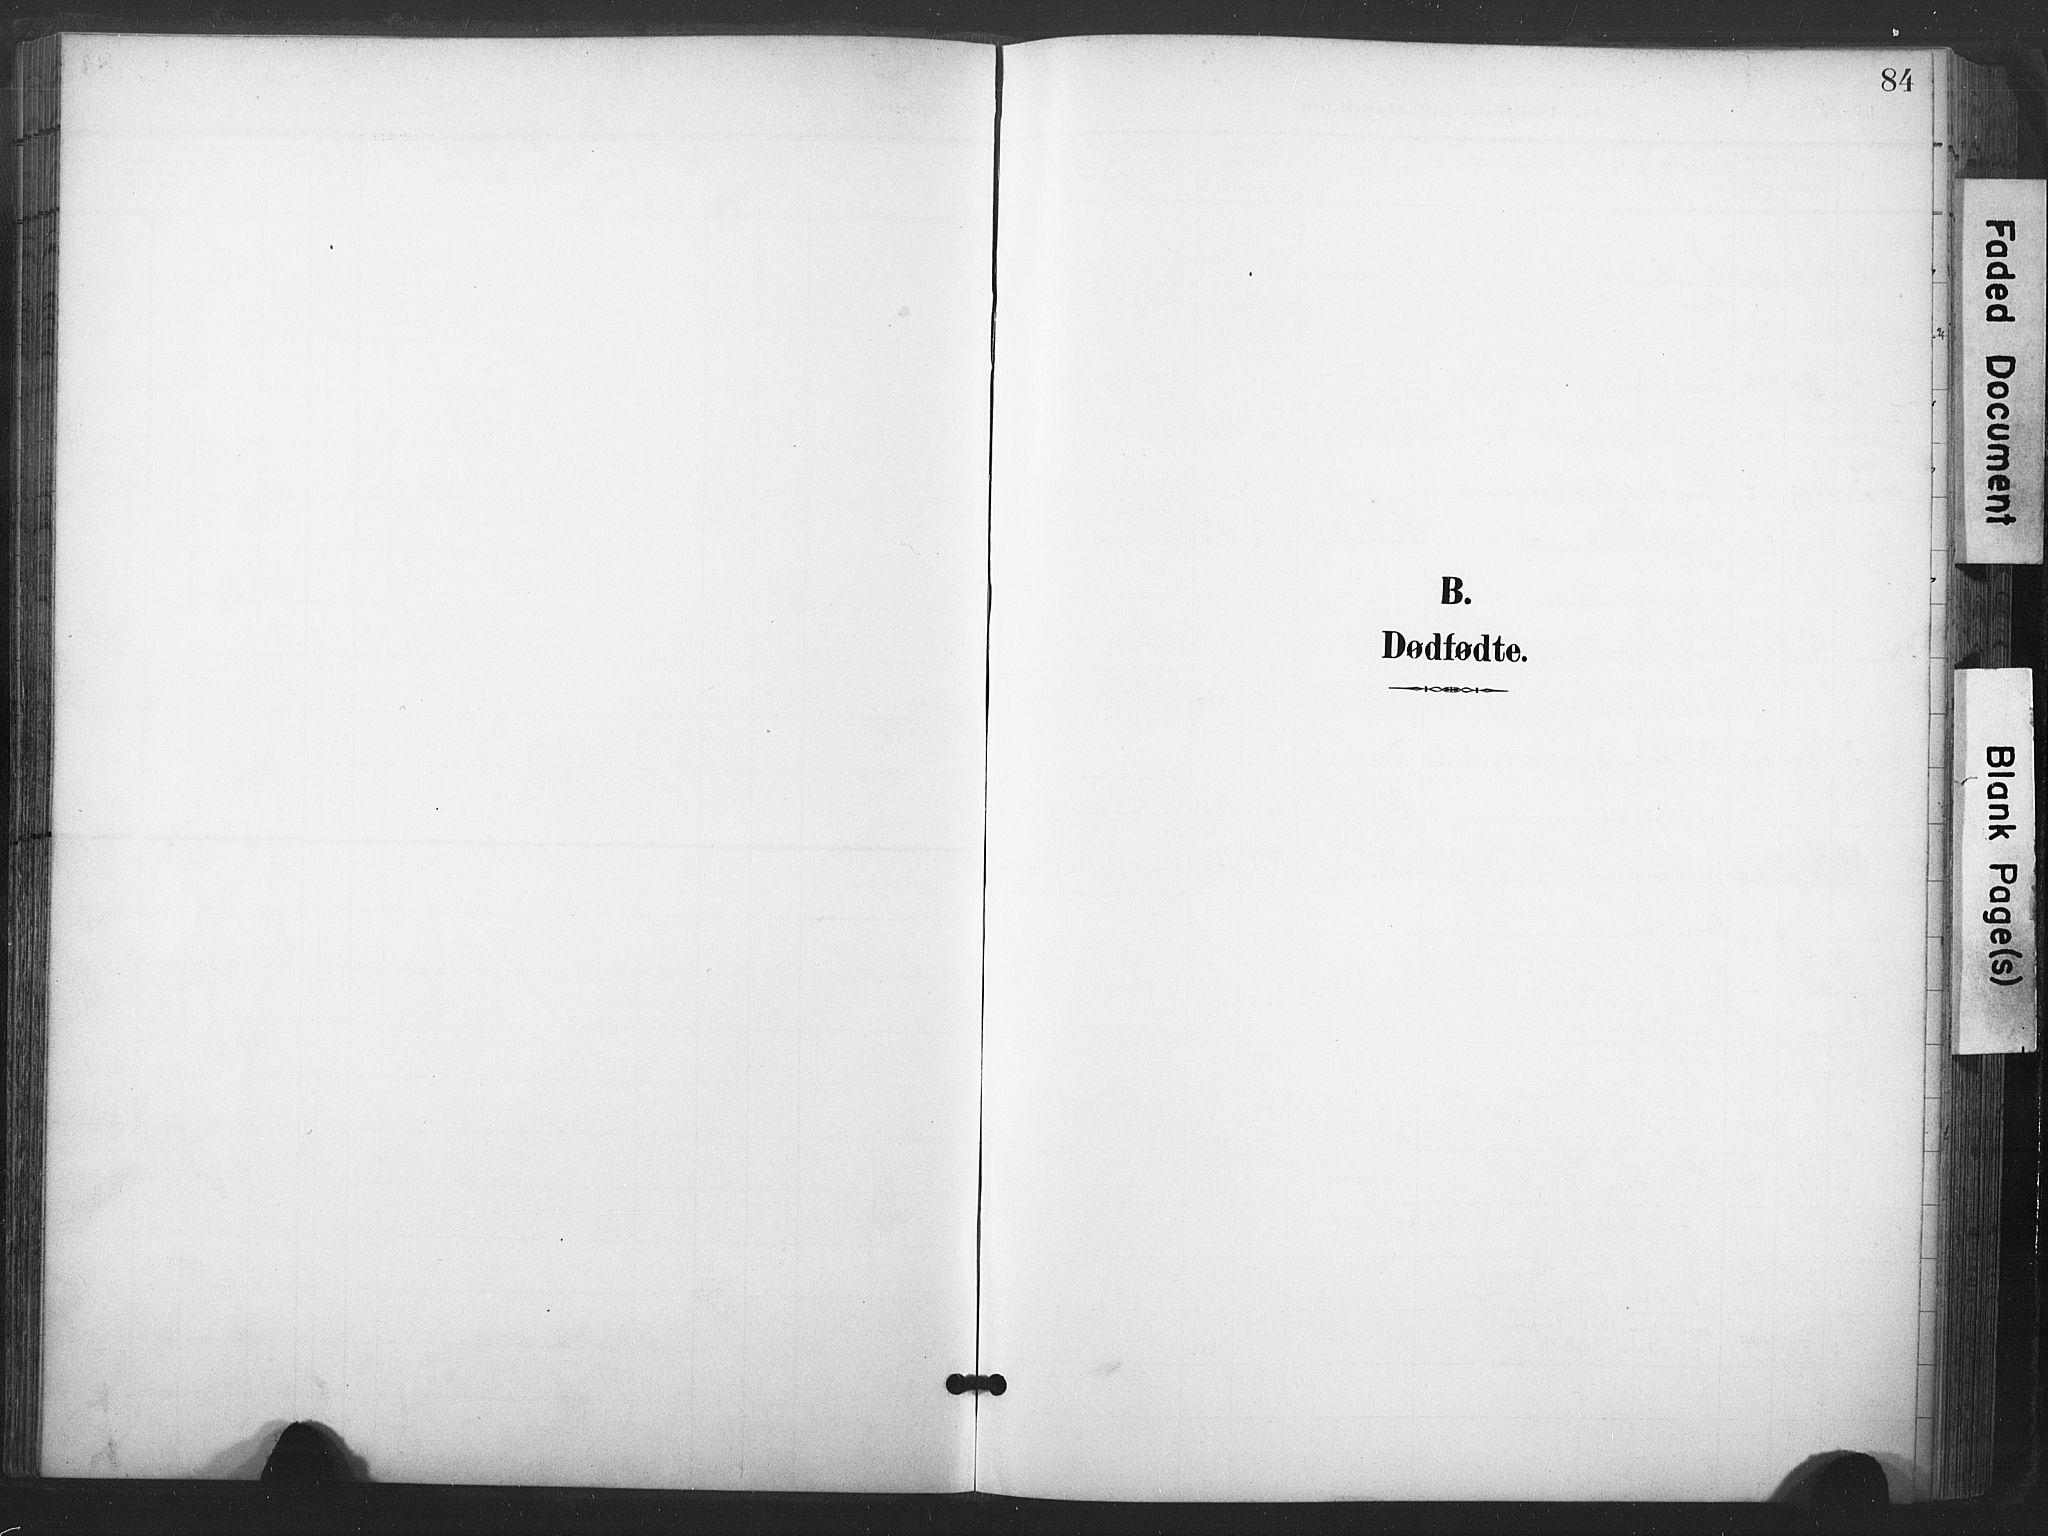 SAT, Ministerialprotokoller, klokkerbøker og fødselsregistre - Nord-Trøndelag, 713/L0122: Ministerialbok nr. 713A11, 1899-1910, s. 84